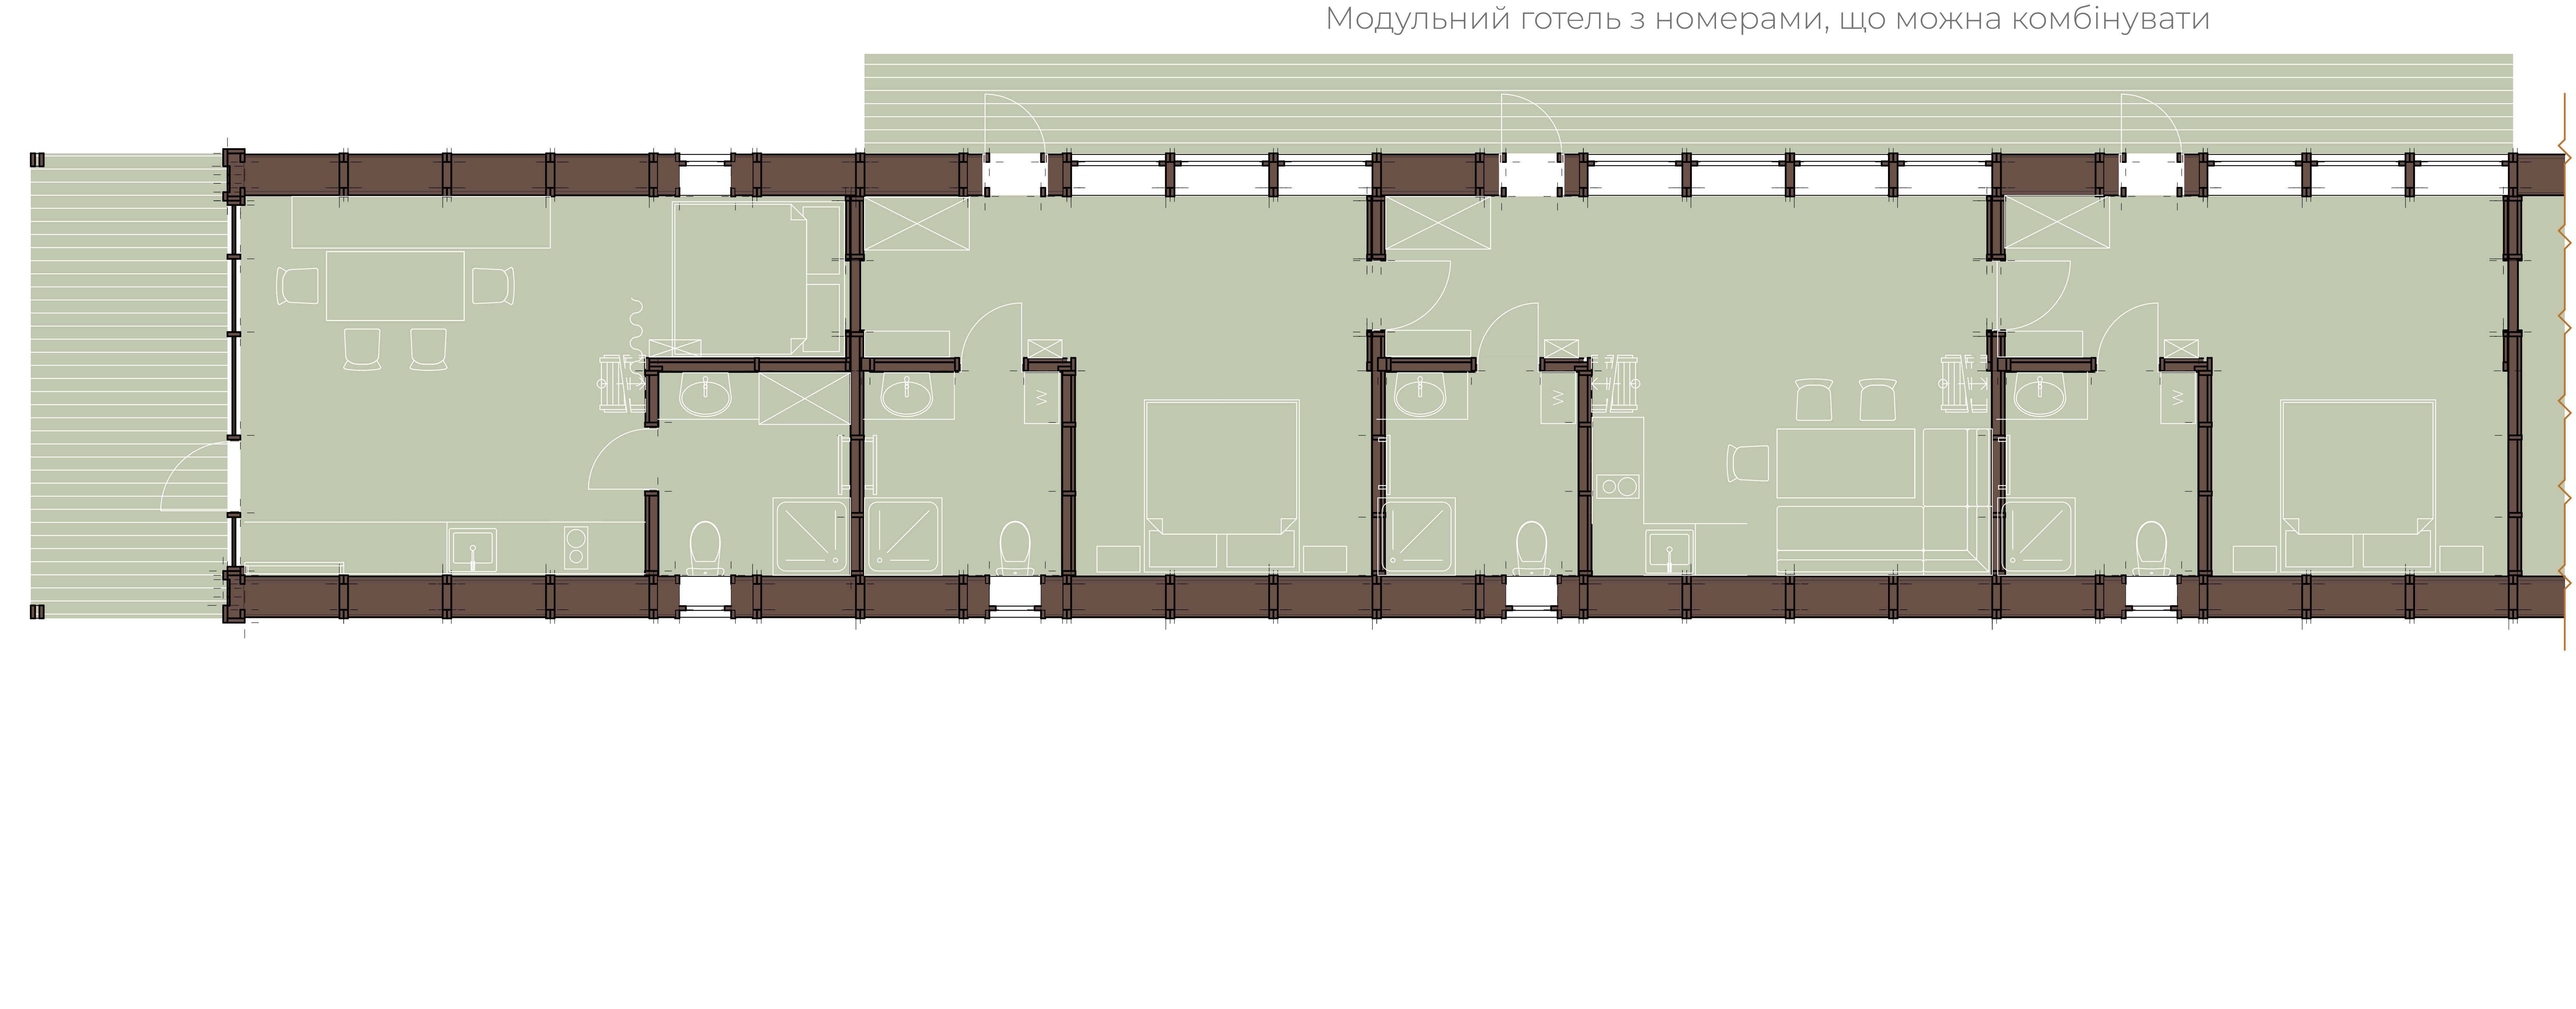 Модульний готель з номерами що комбінуються